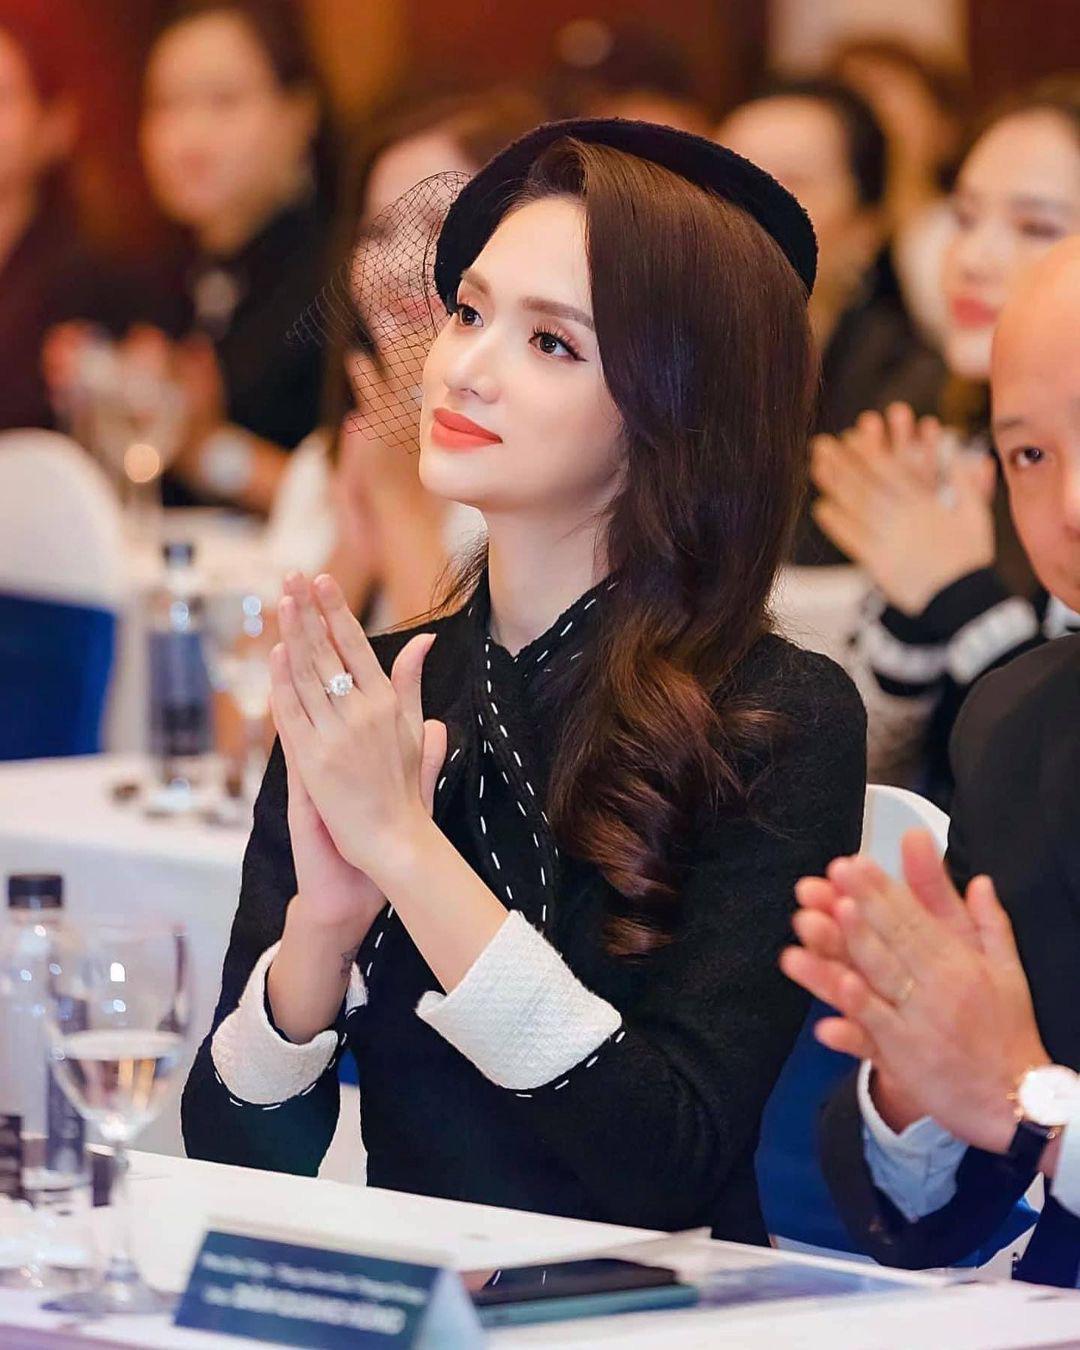 """Động thái mới gây chú ý của Hương Giang trước ồn ào với thí sinh """"Đại sứ Hoàn mỹ 2020"""" - Ảnh 1."""